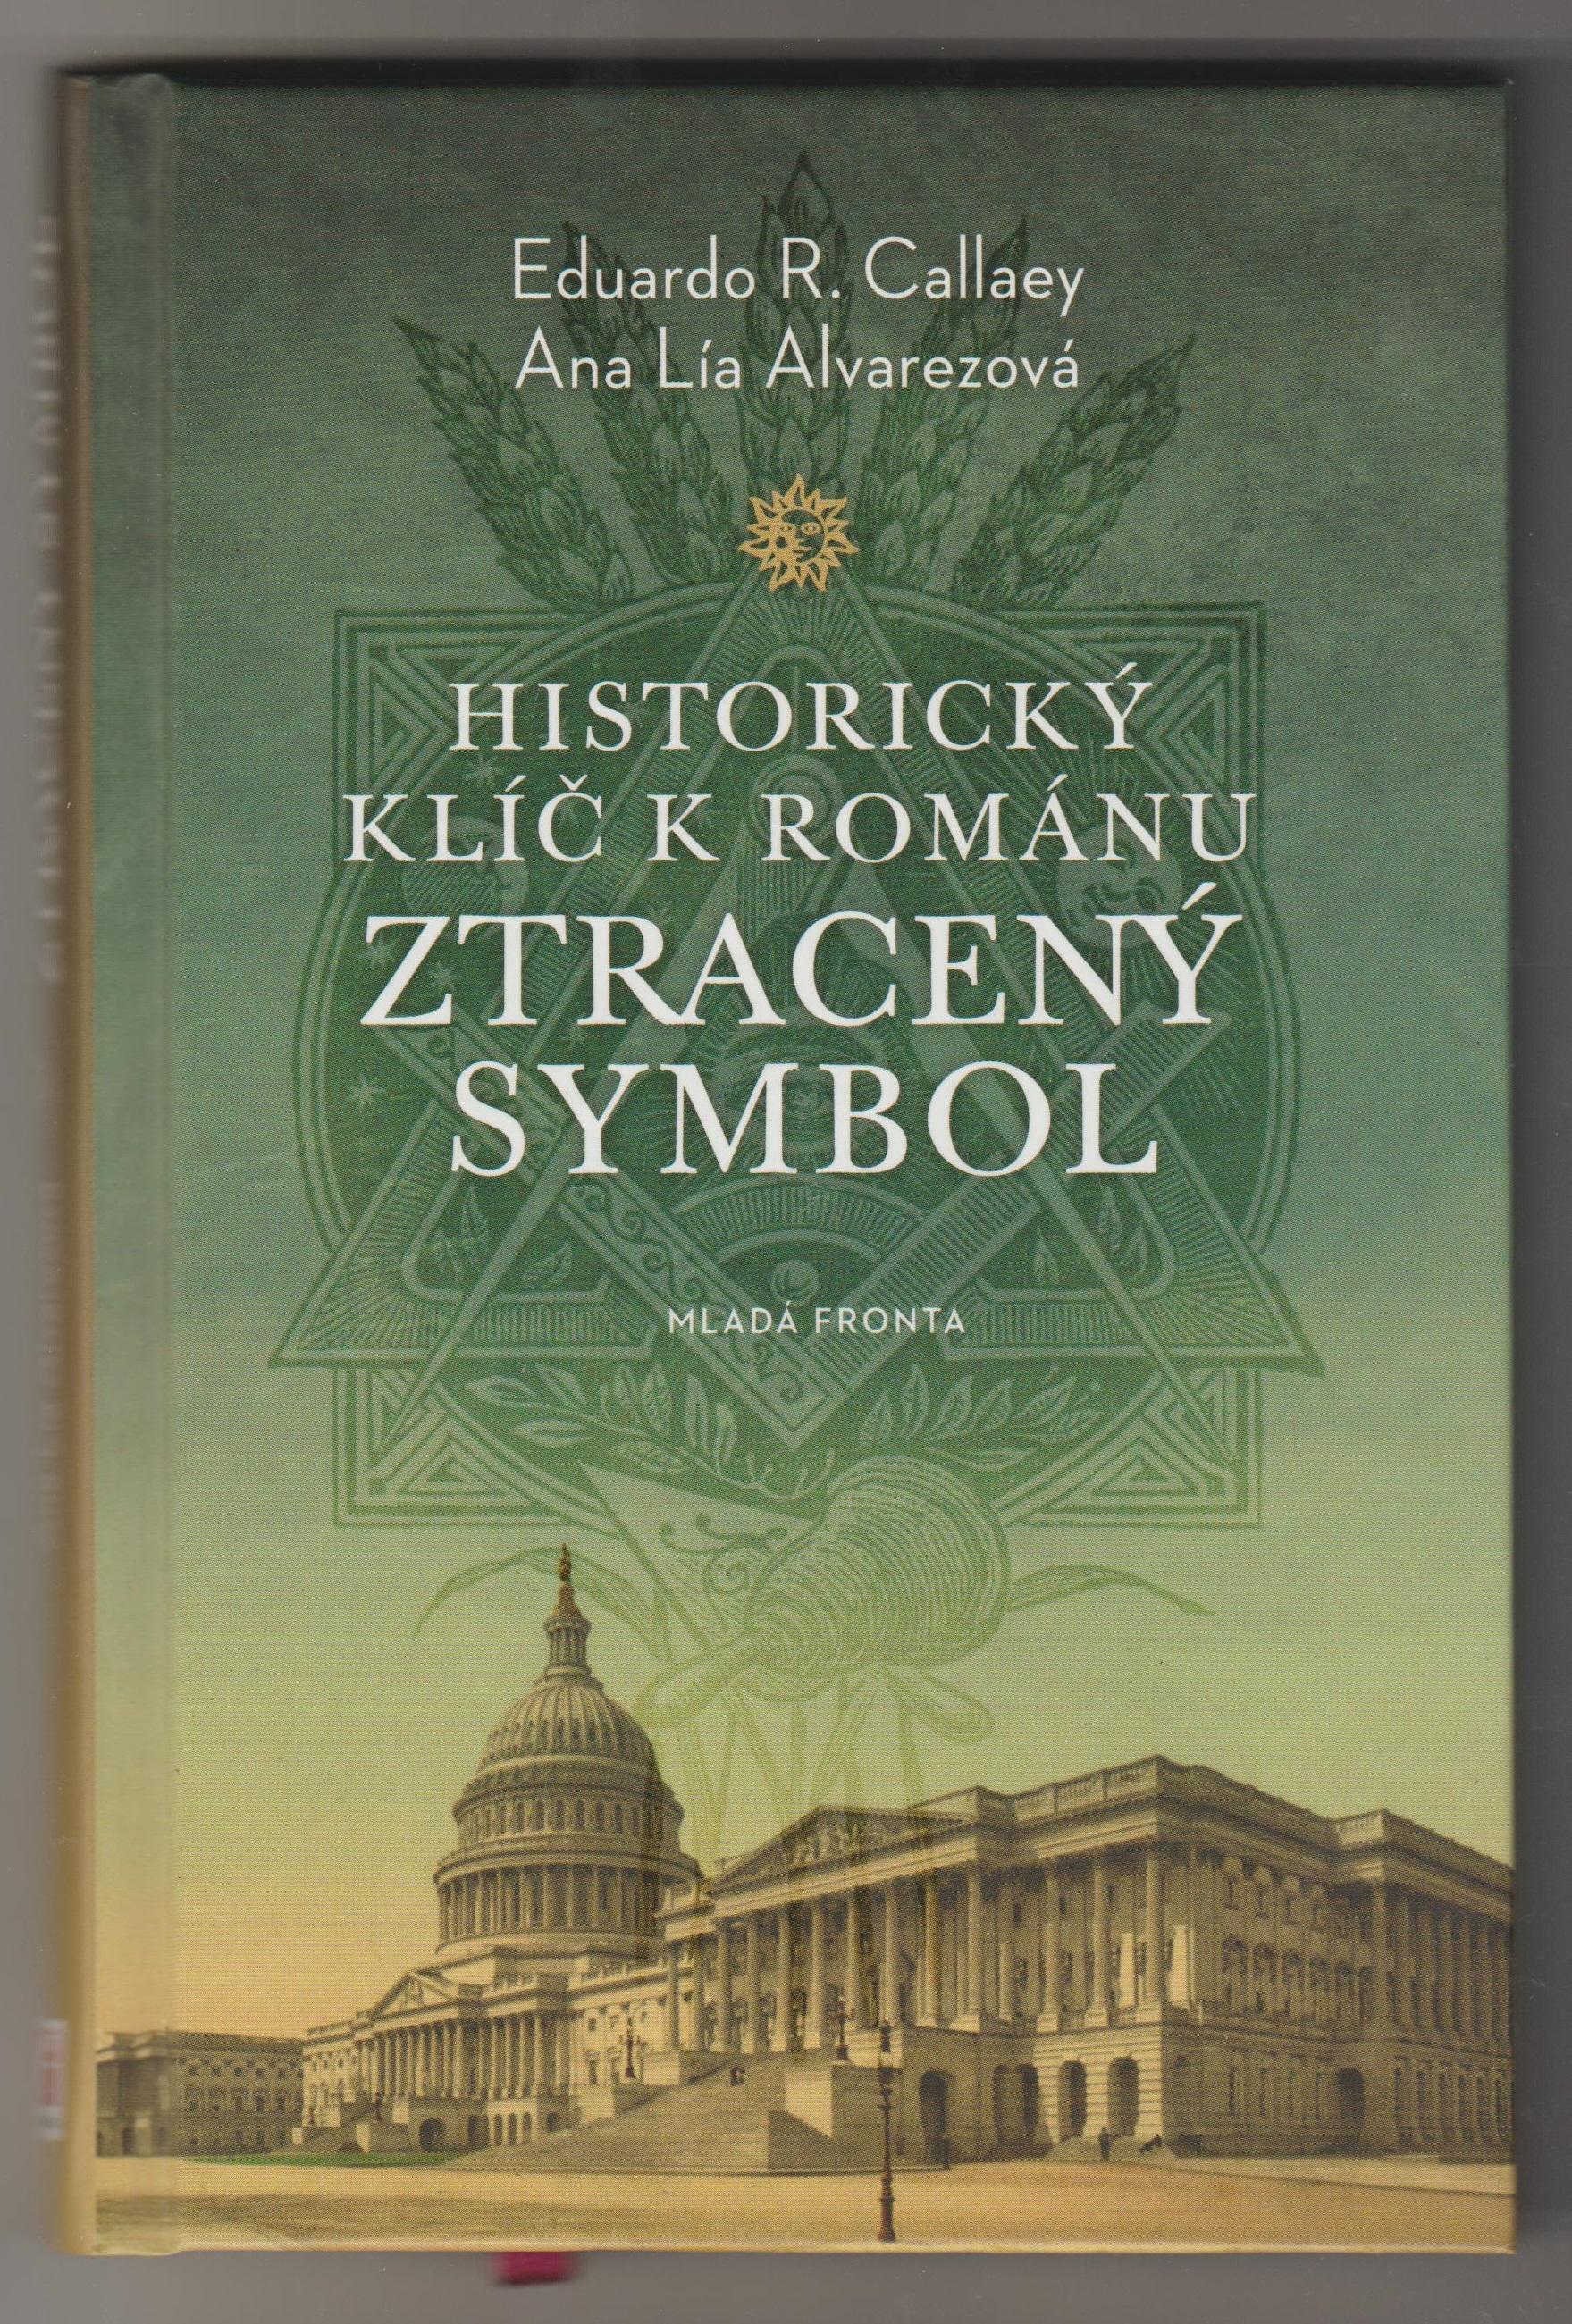 Historický klíč k románu ztracený symbol - Eduardo R. Callaey, Ana Lía Alvarezová